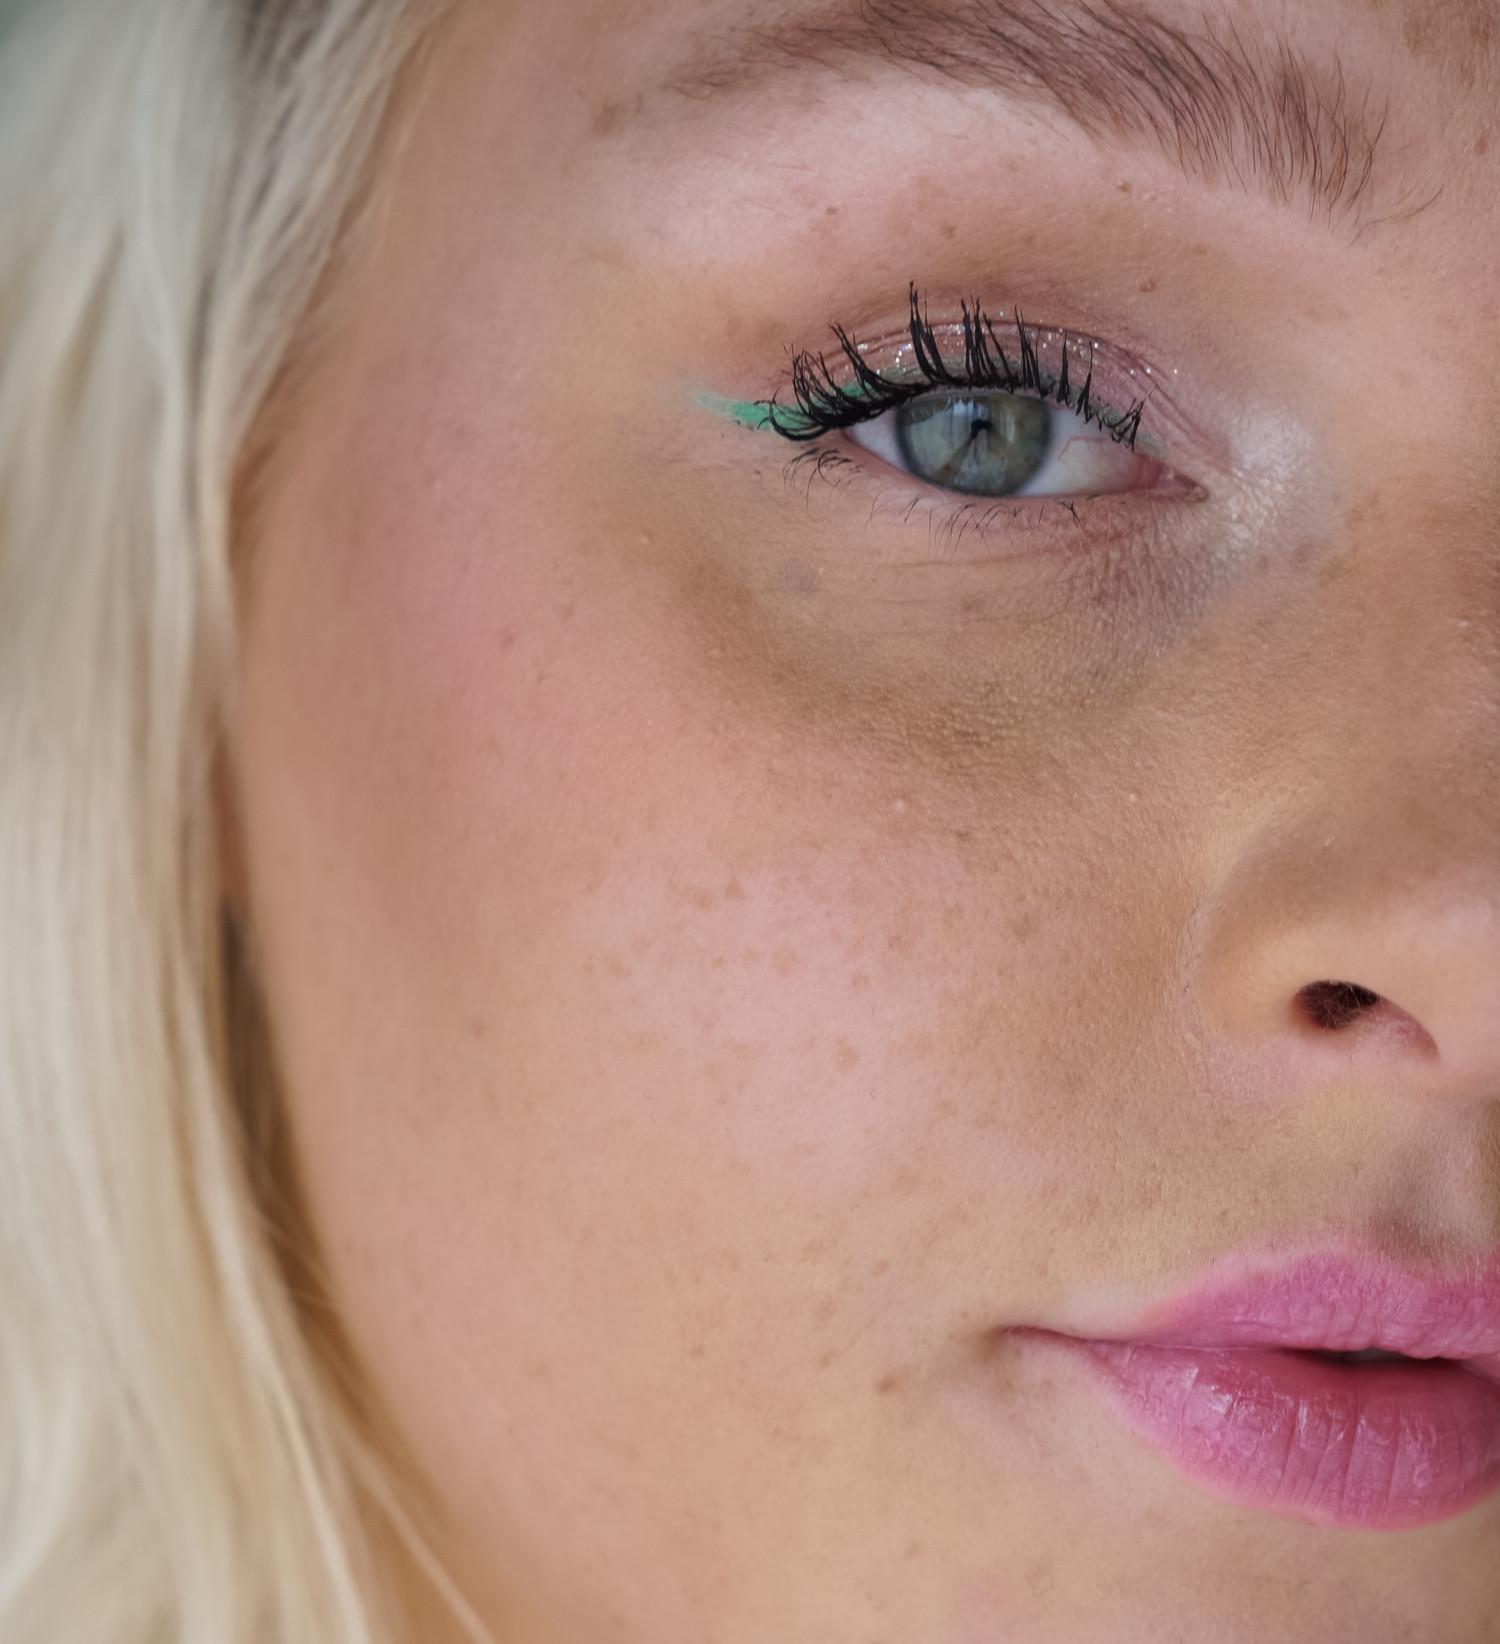 makeup look, makeup tutorial, forårsmakeup, spring makeup look, spring makeup, summer makeup, green eyeliner, pink lips, blog, beauty blog, skønhedsblog, camilla nørgaard, camilla nørgaard christensen